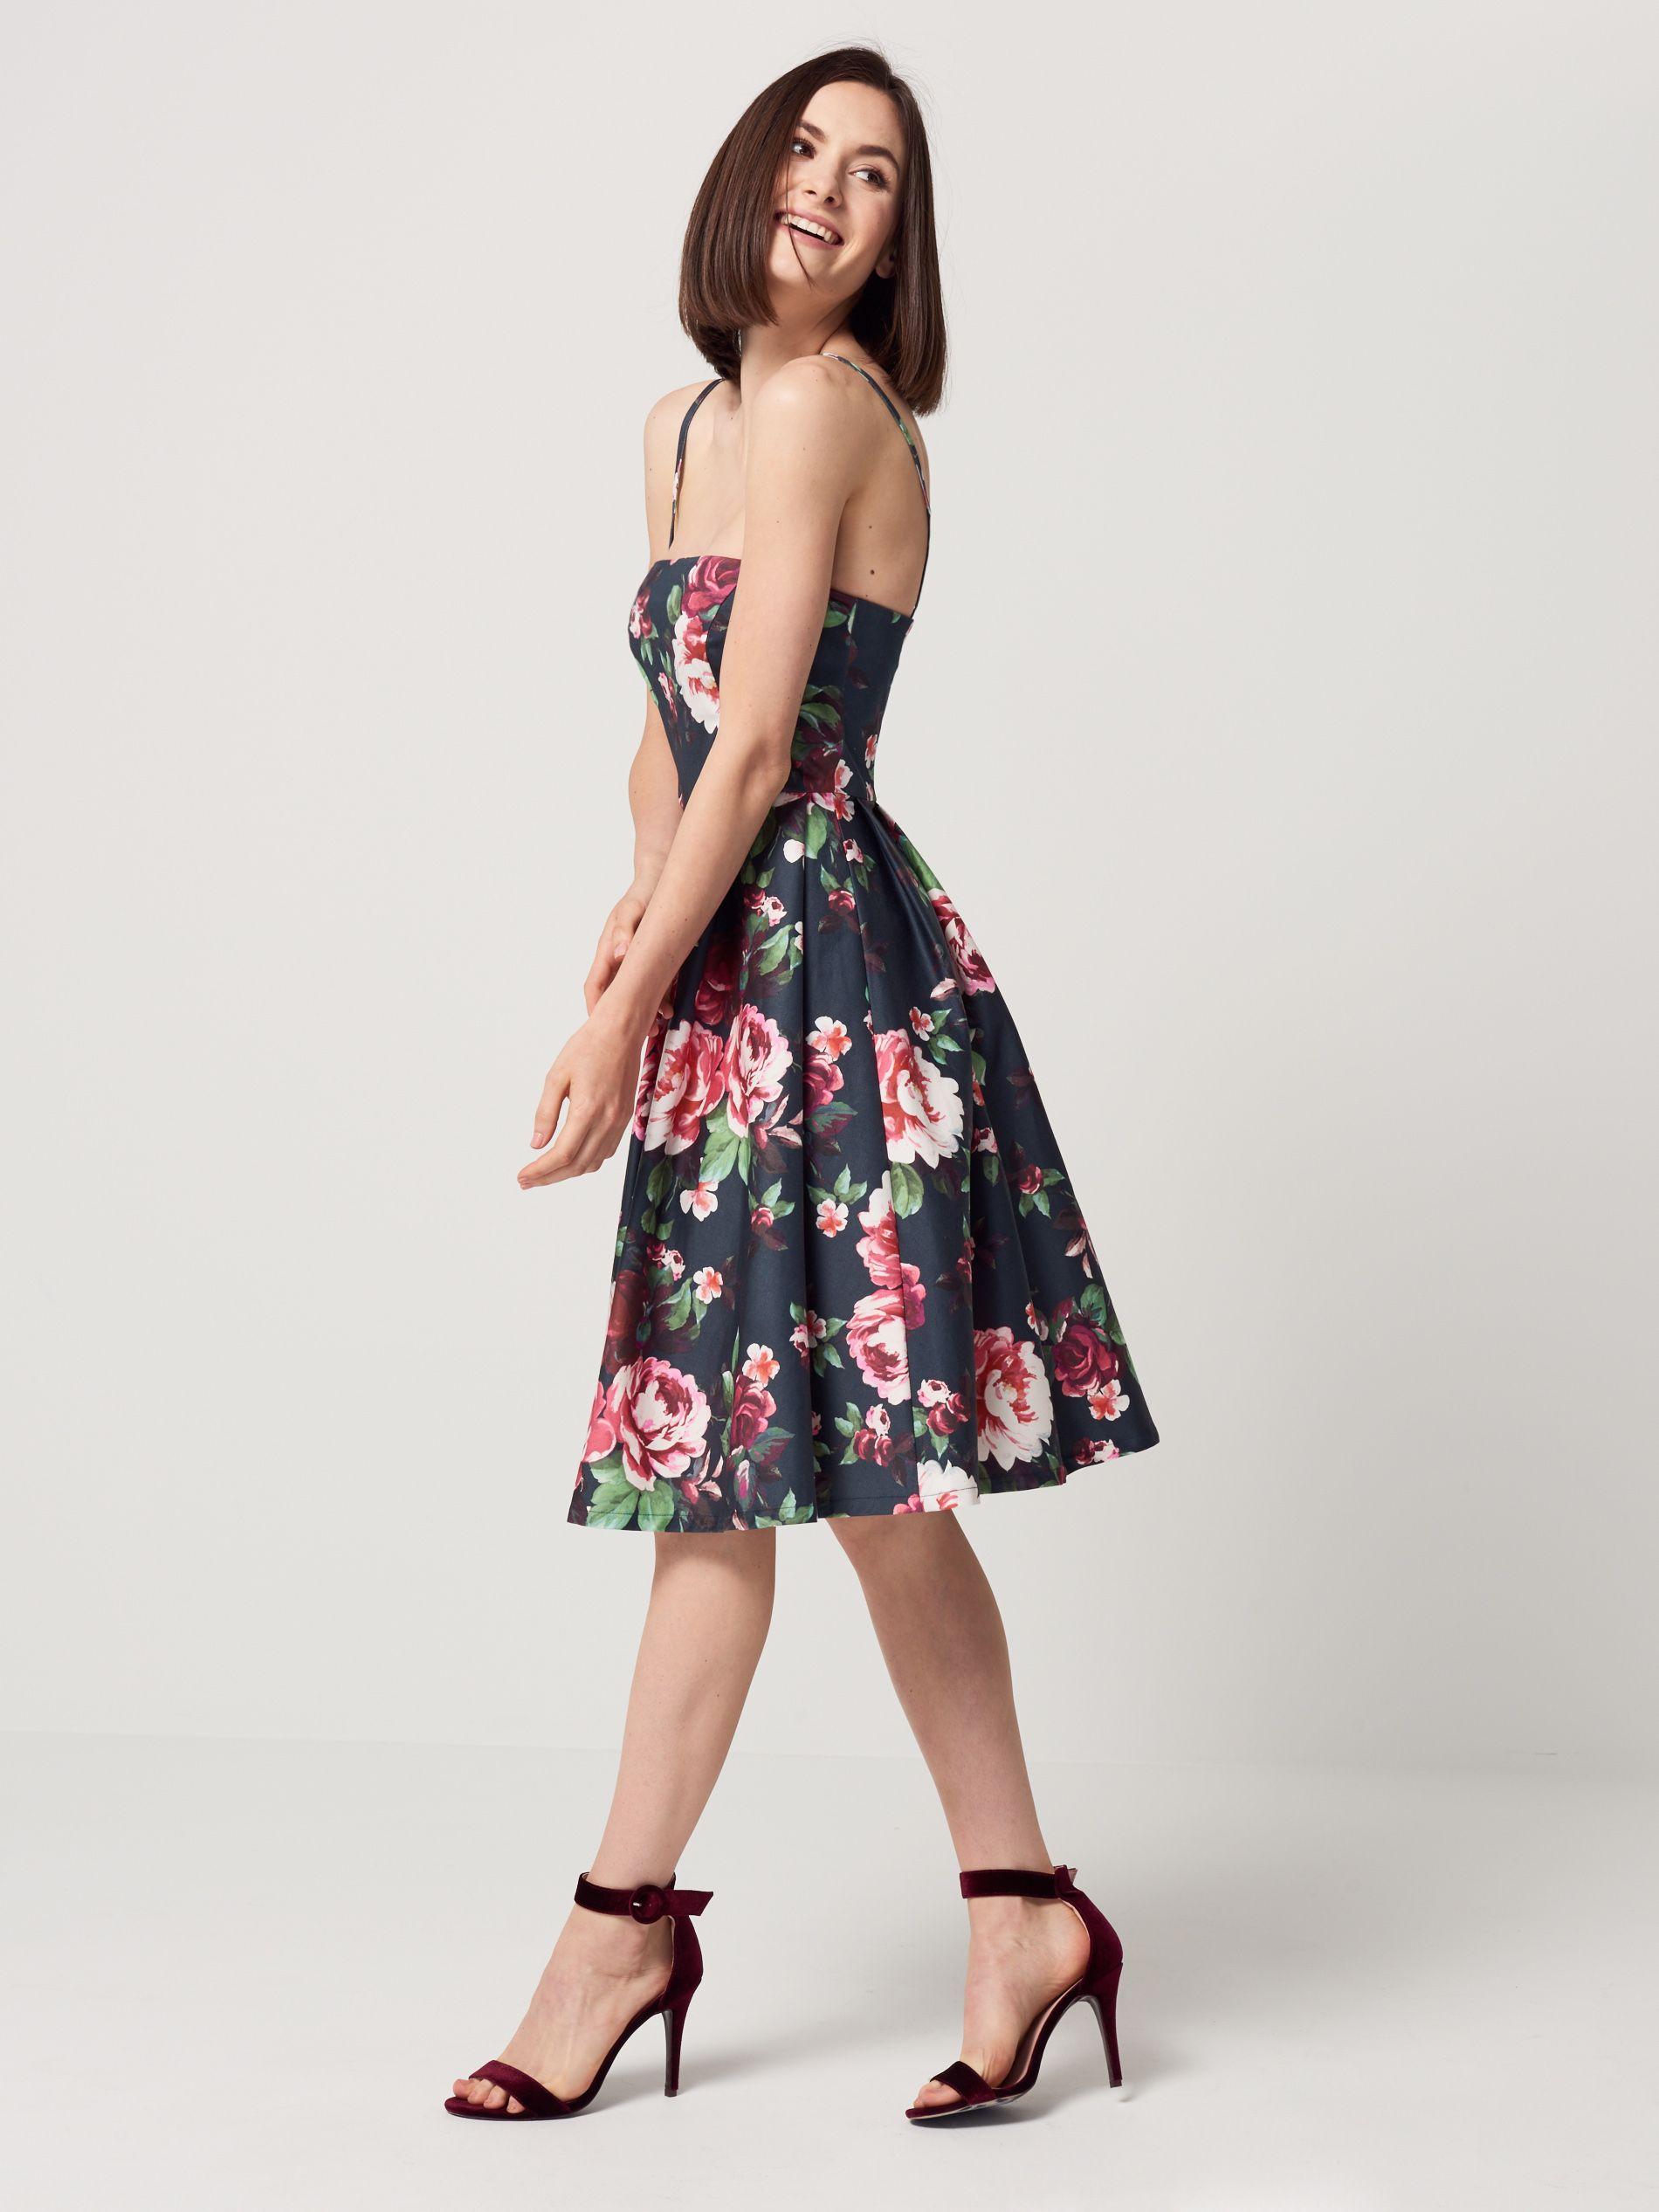 b91f4d51 Gorsetowa sukienka z rozkloszowanym dołem, SUKIENKI, KOMBINEZONY ...